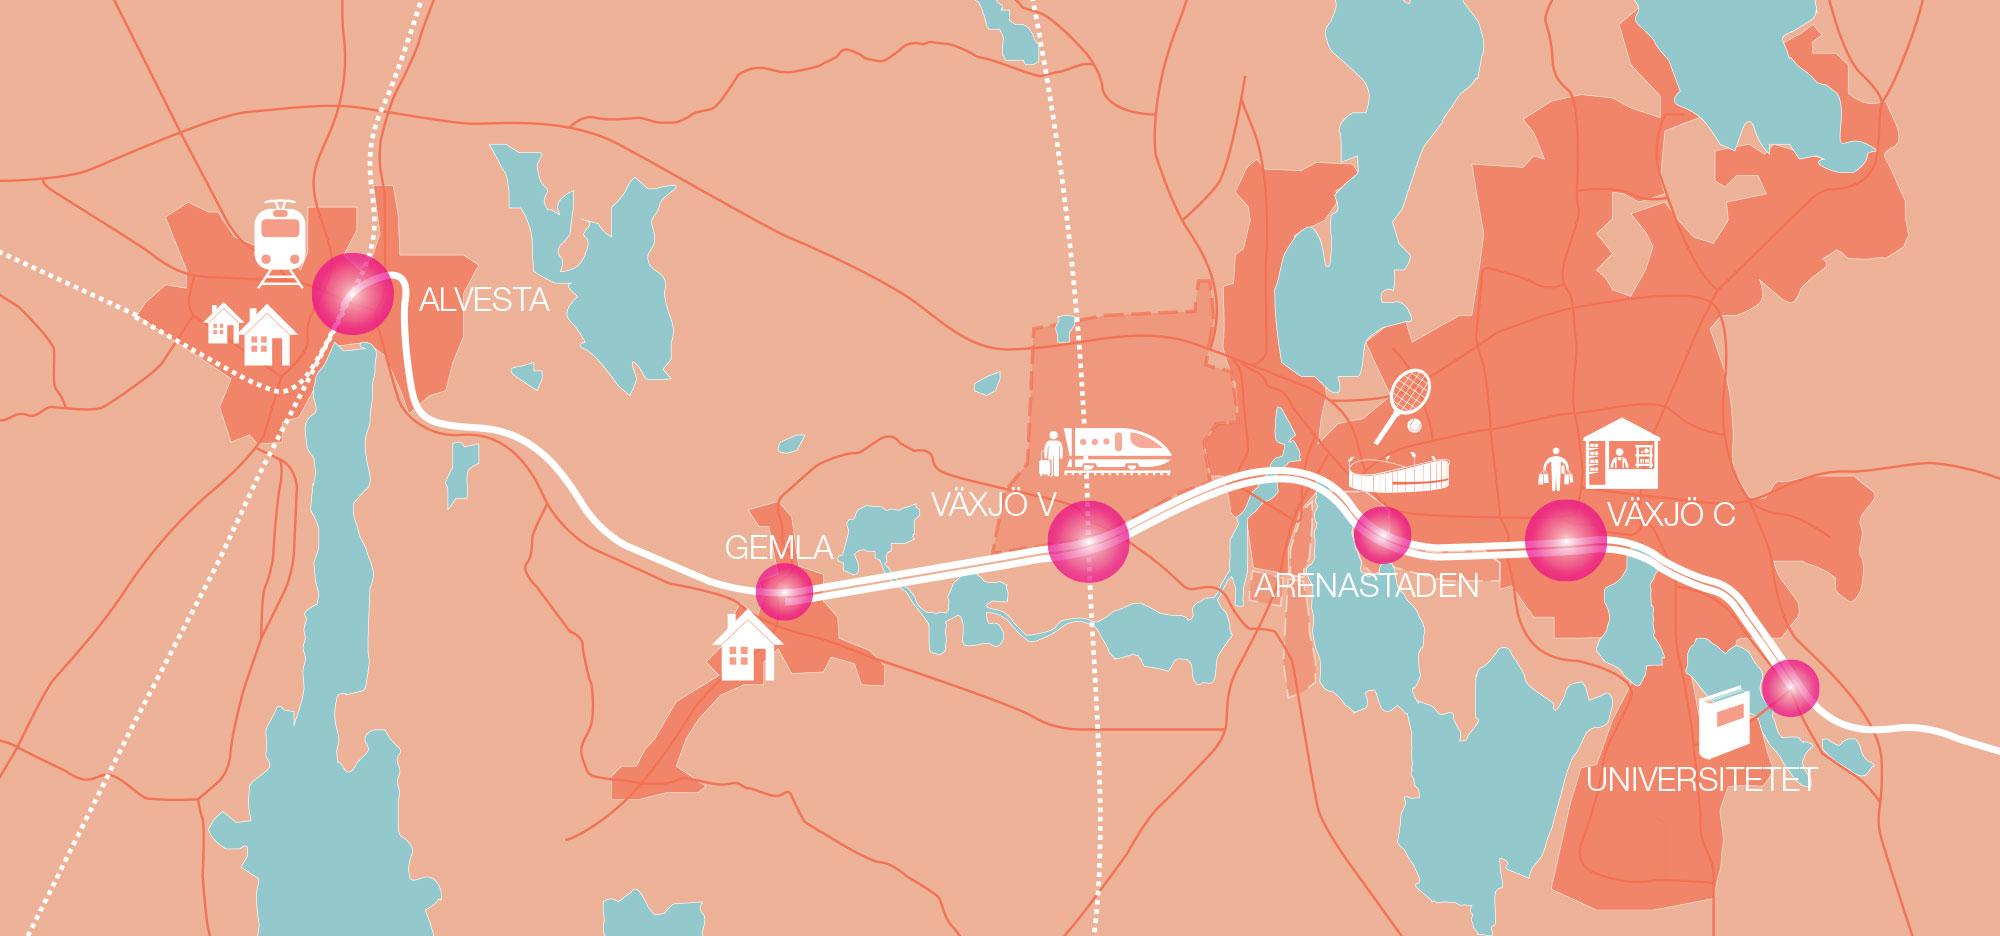 Pärlbandet av stationer längs Kust-till-Kustbanan som korsar den framtida höghastighetsbanan i Växjö V.